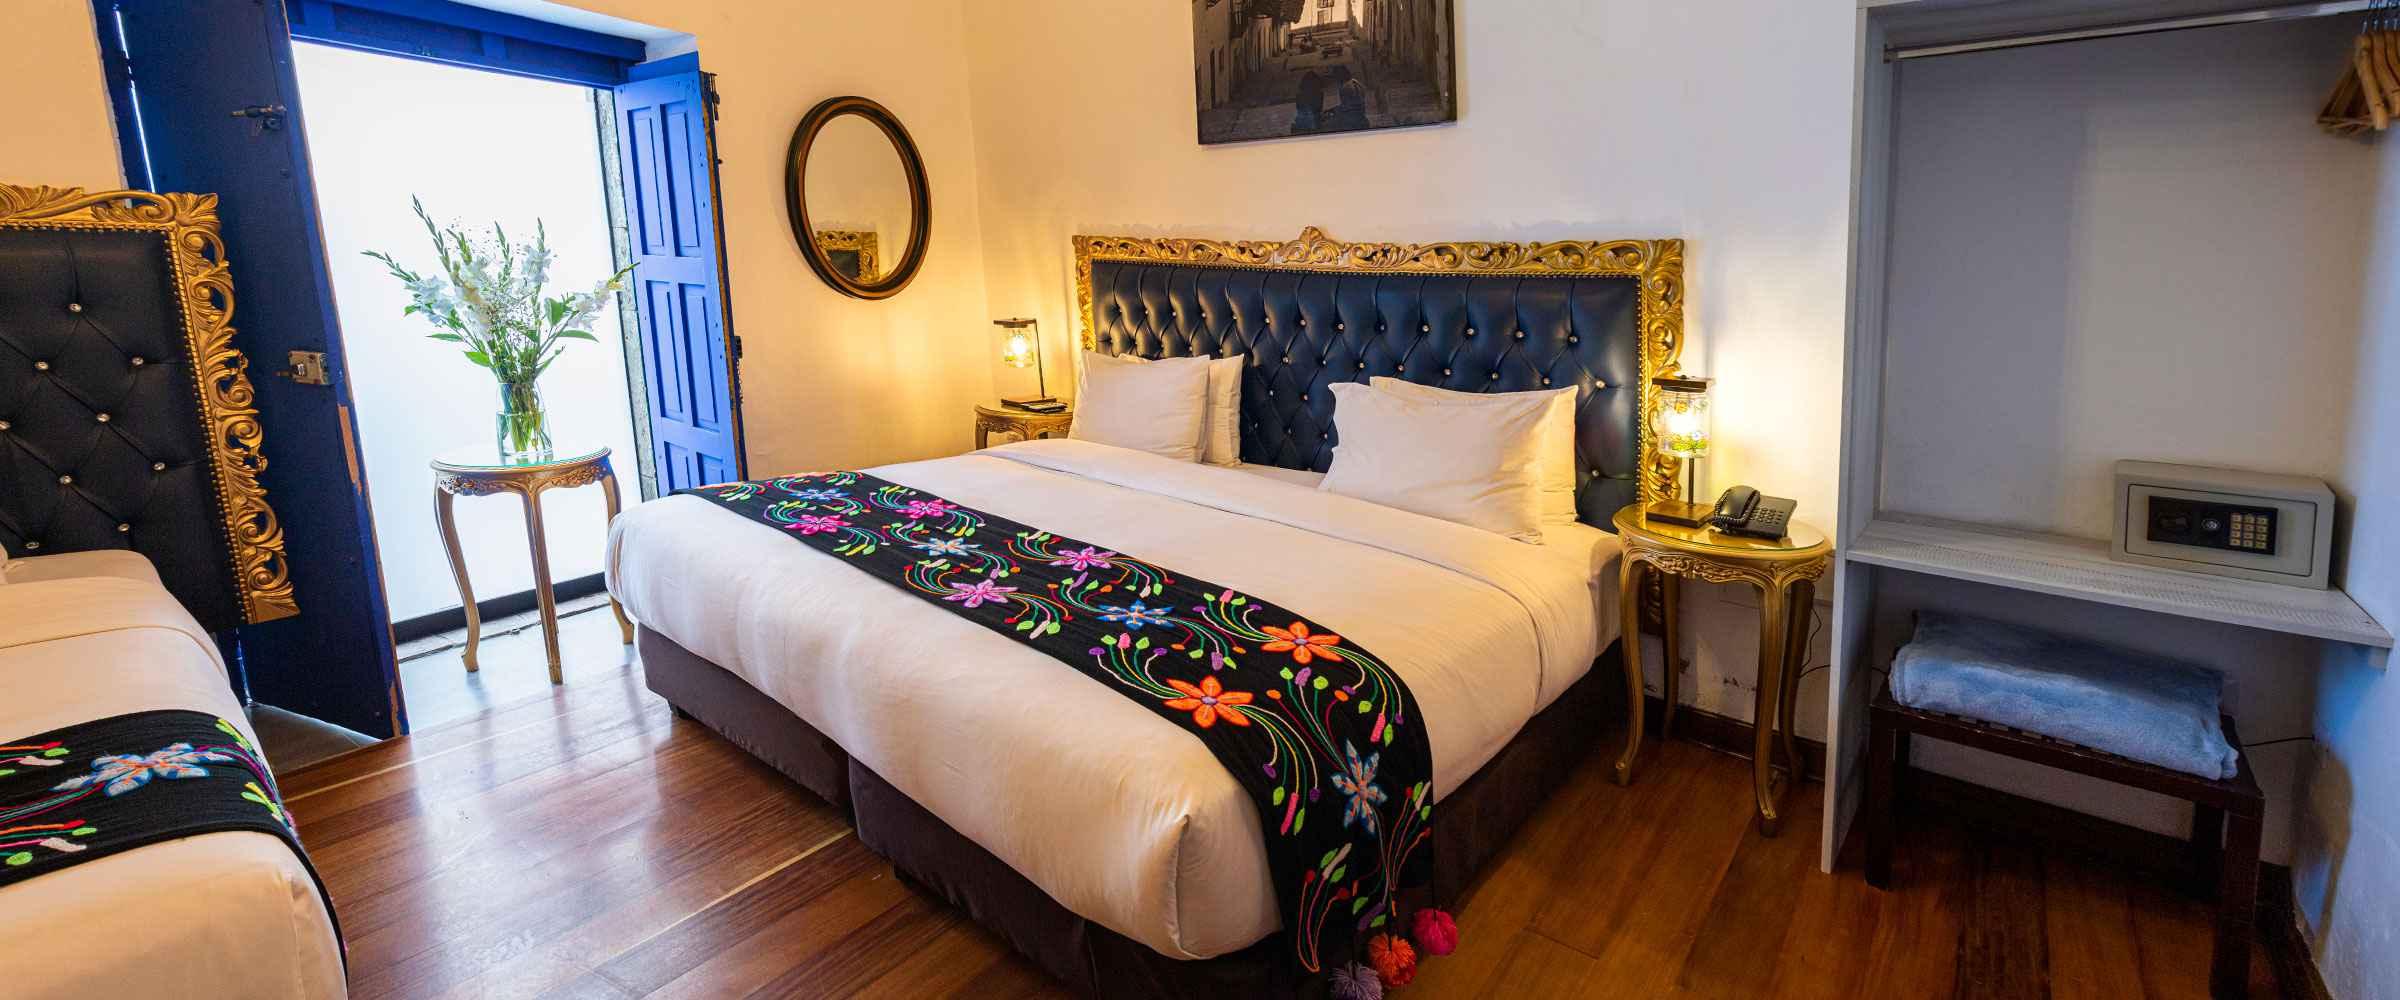 Hotel Cusco (3)